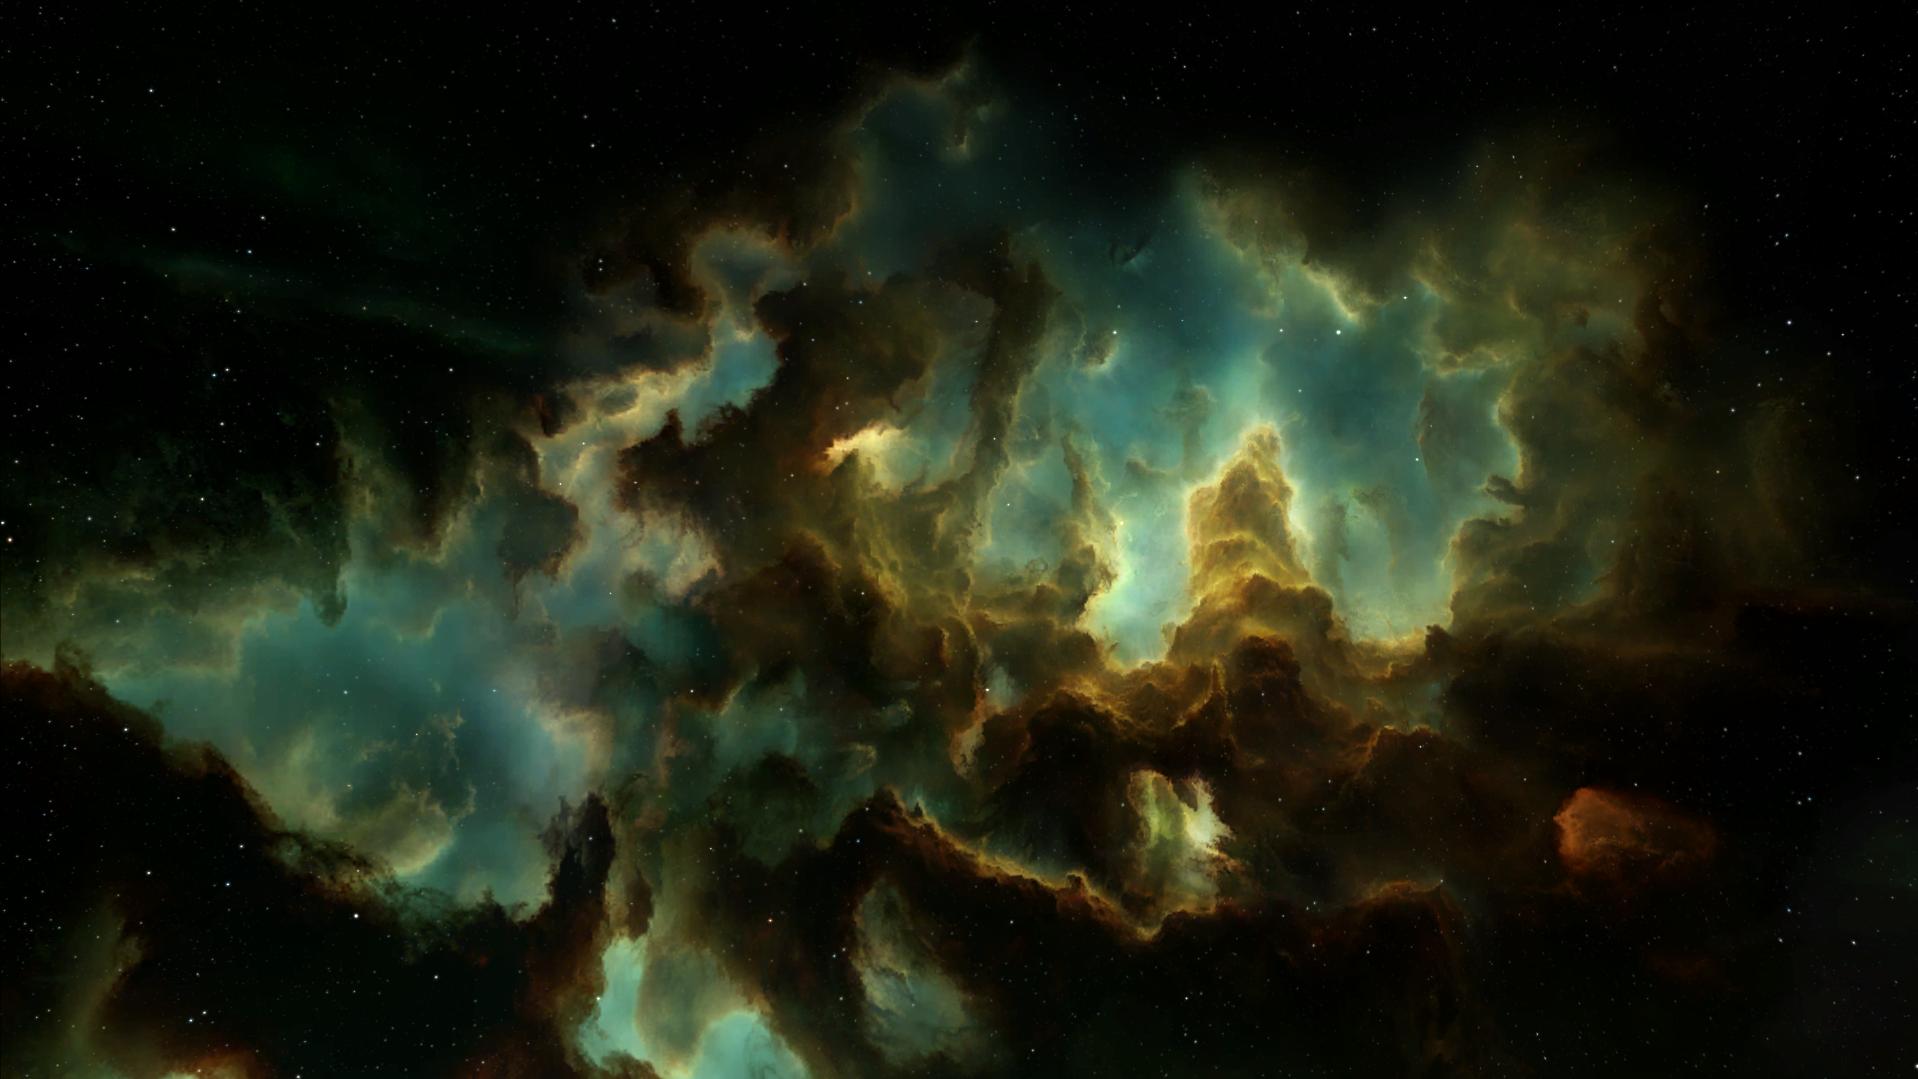 EVE Online Nebula Birth by CommanderAlchemy on deviantART